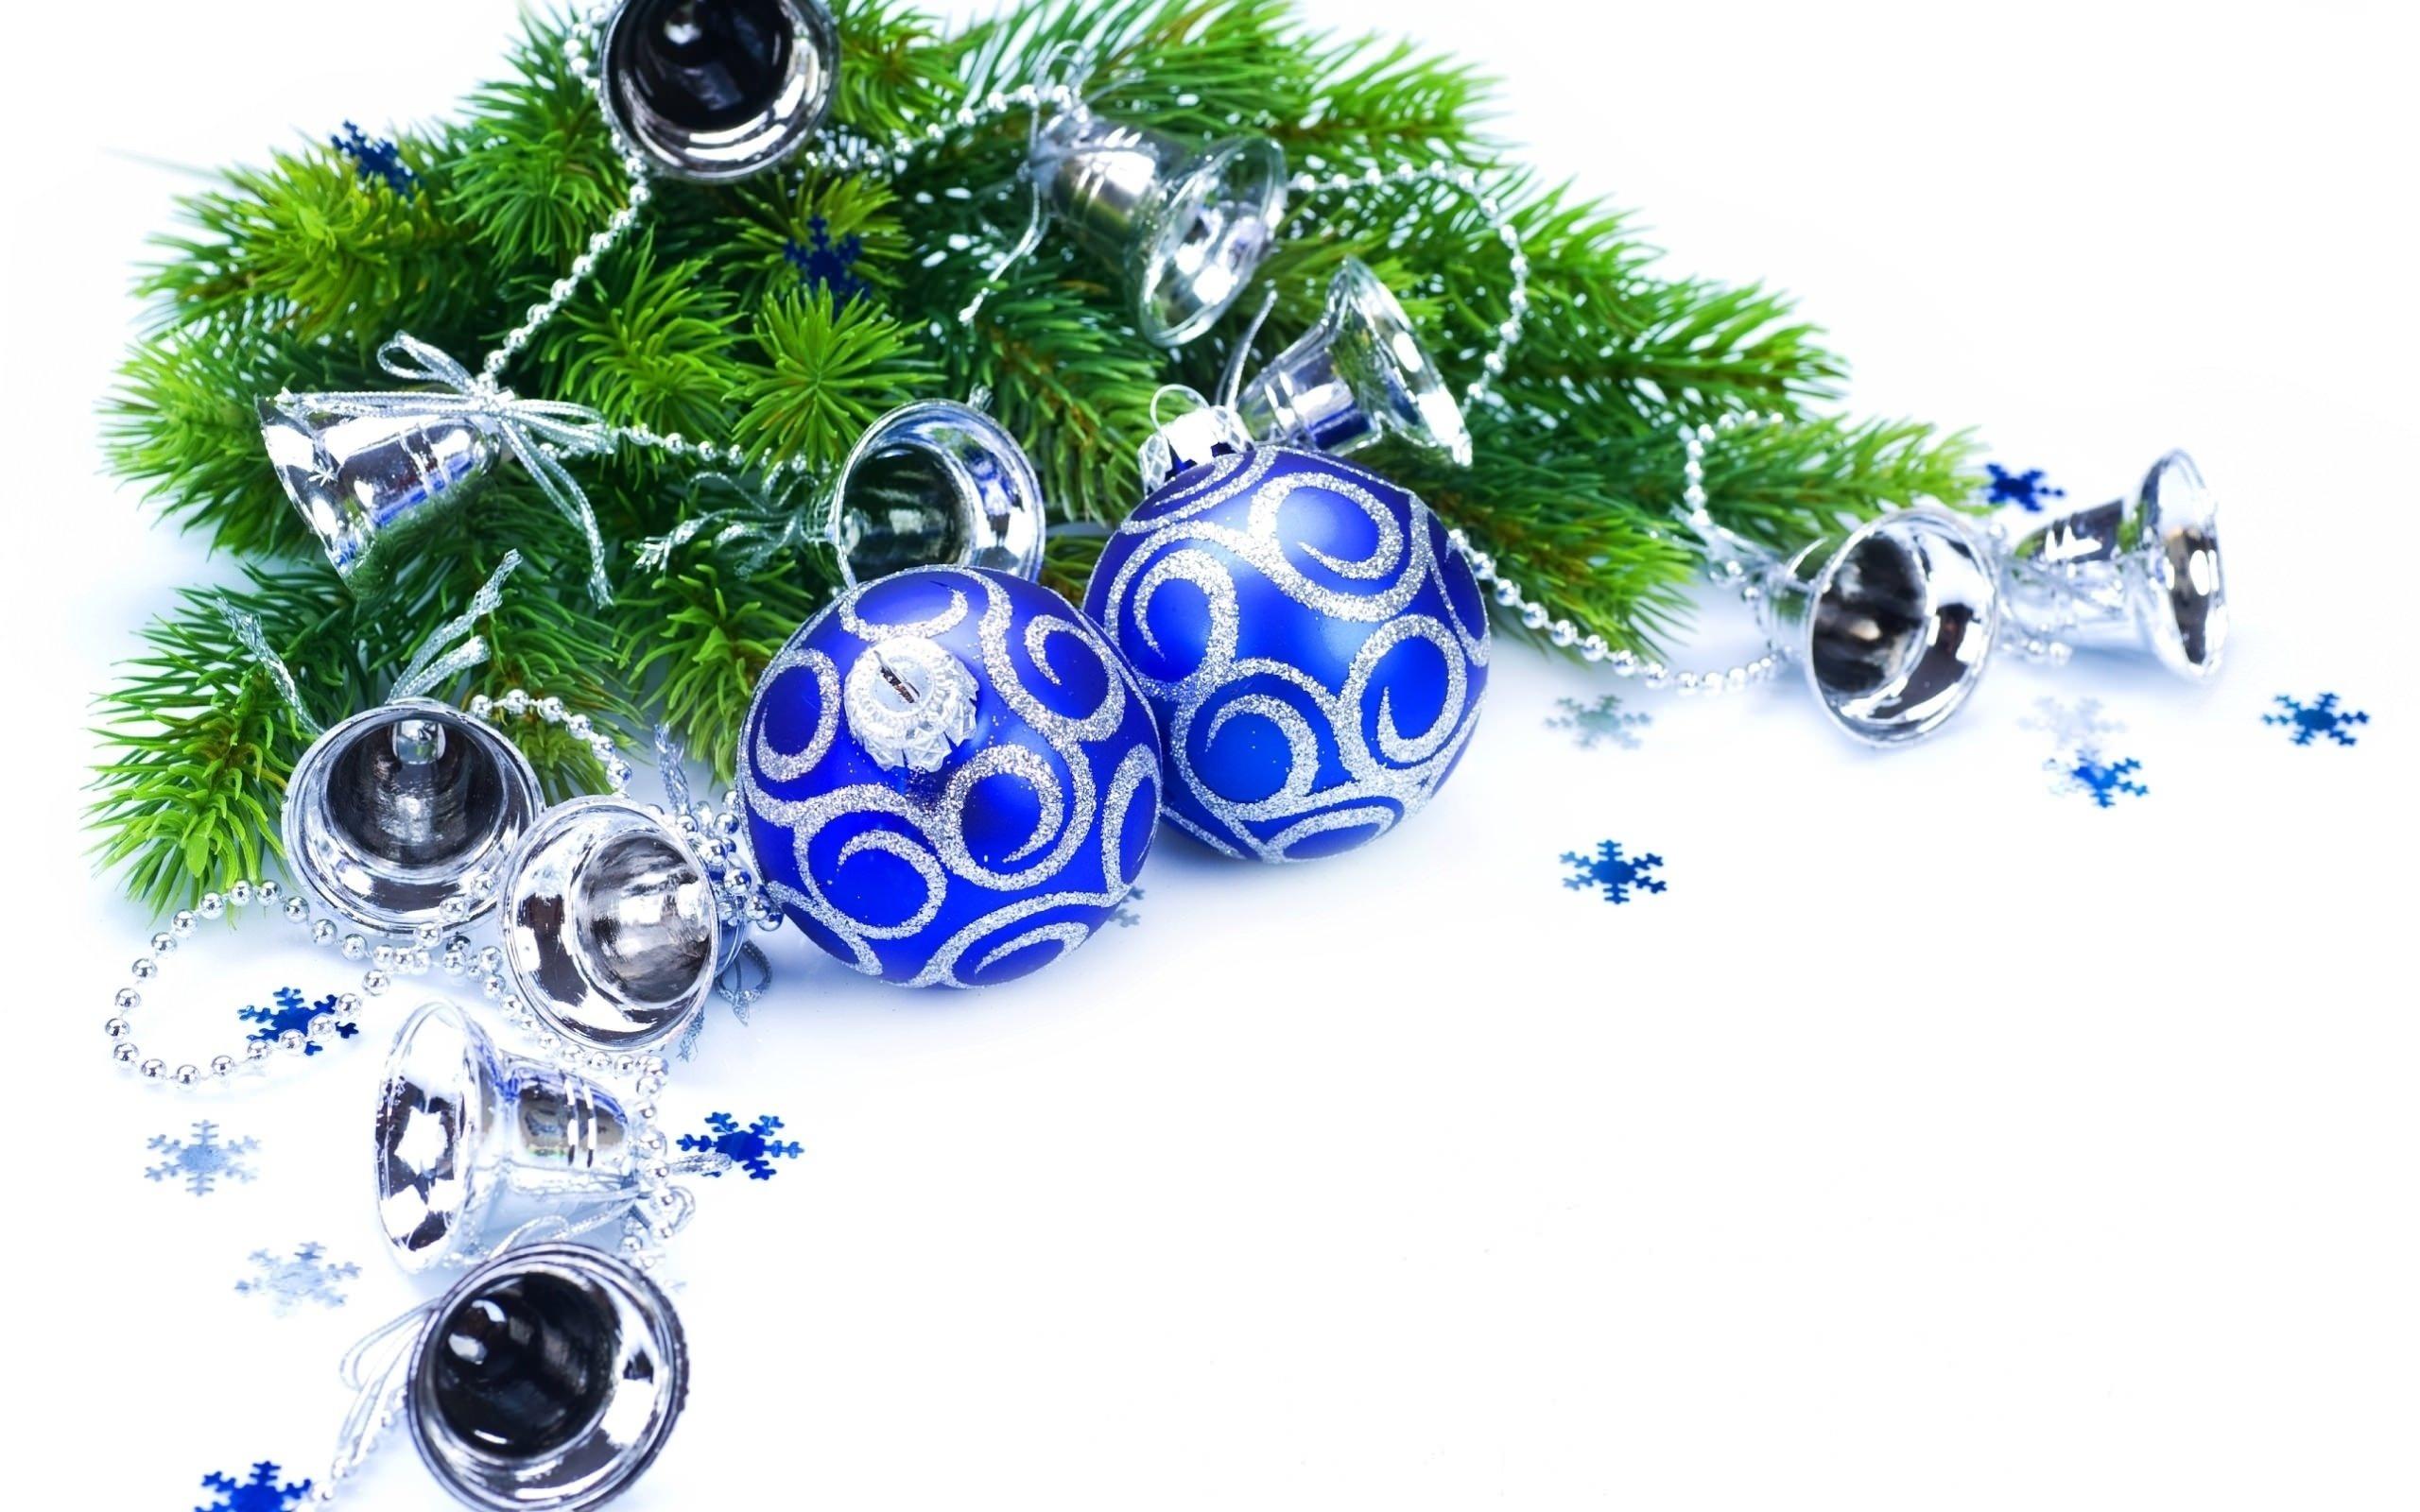 Открытки с новым годом с елкой и шариками, днем рождения племяннику